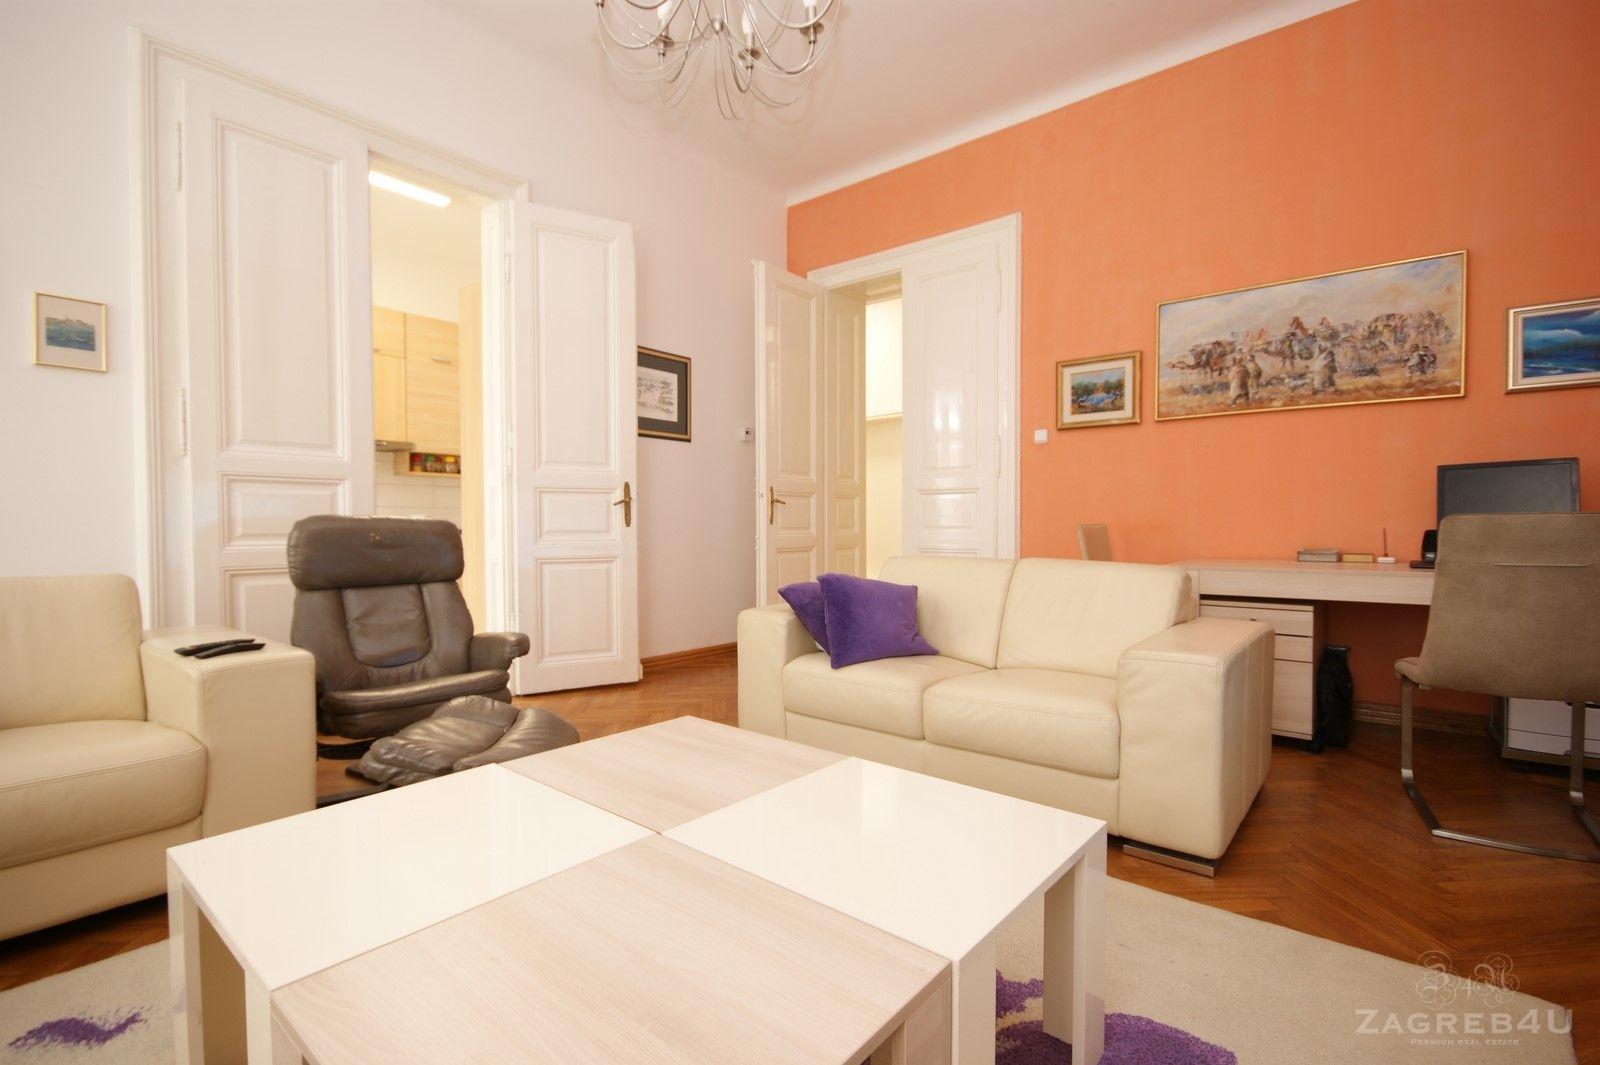 Zagreb - Centar - 4-sobni stan za najam (126 m2) - Teslina